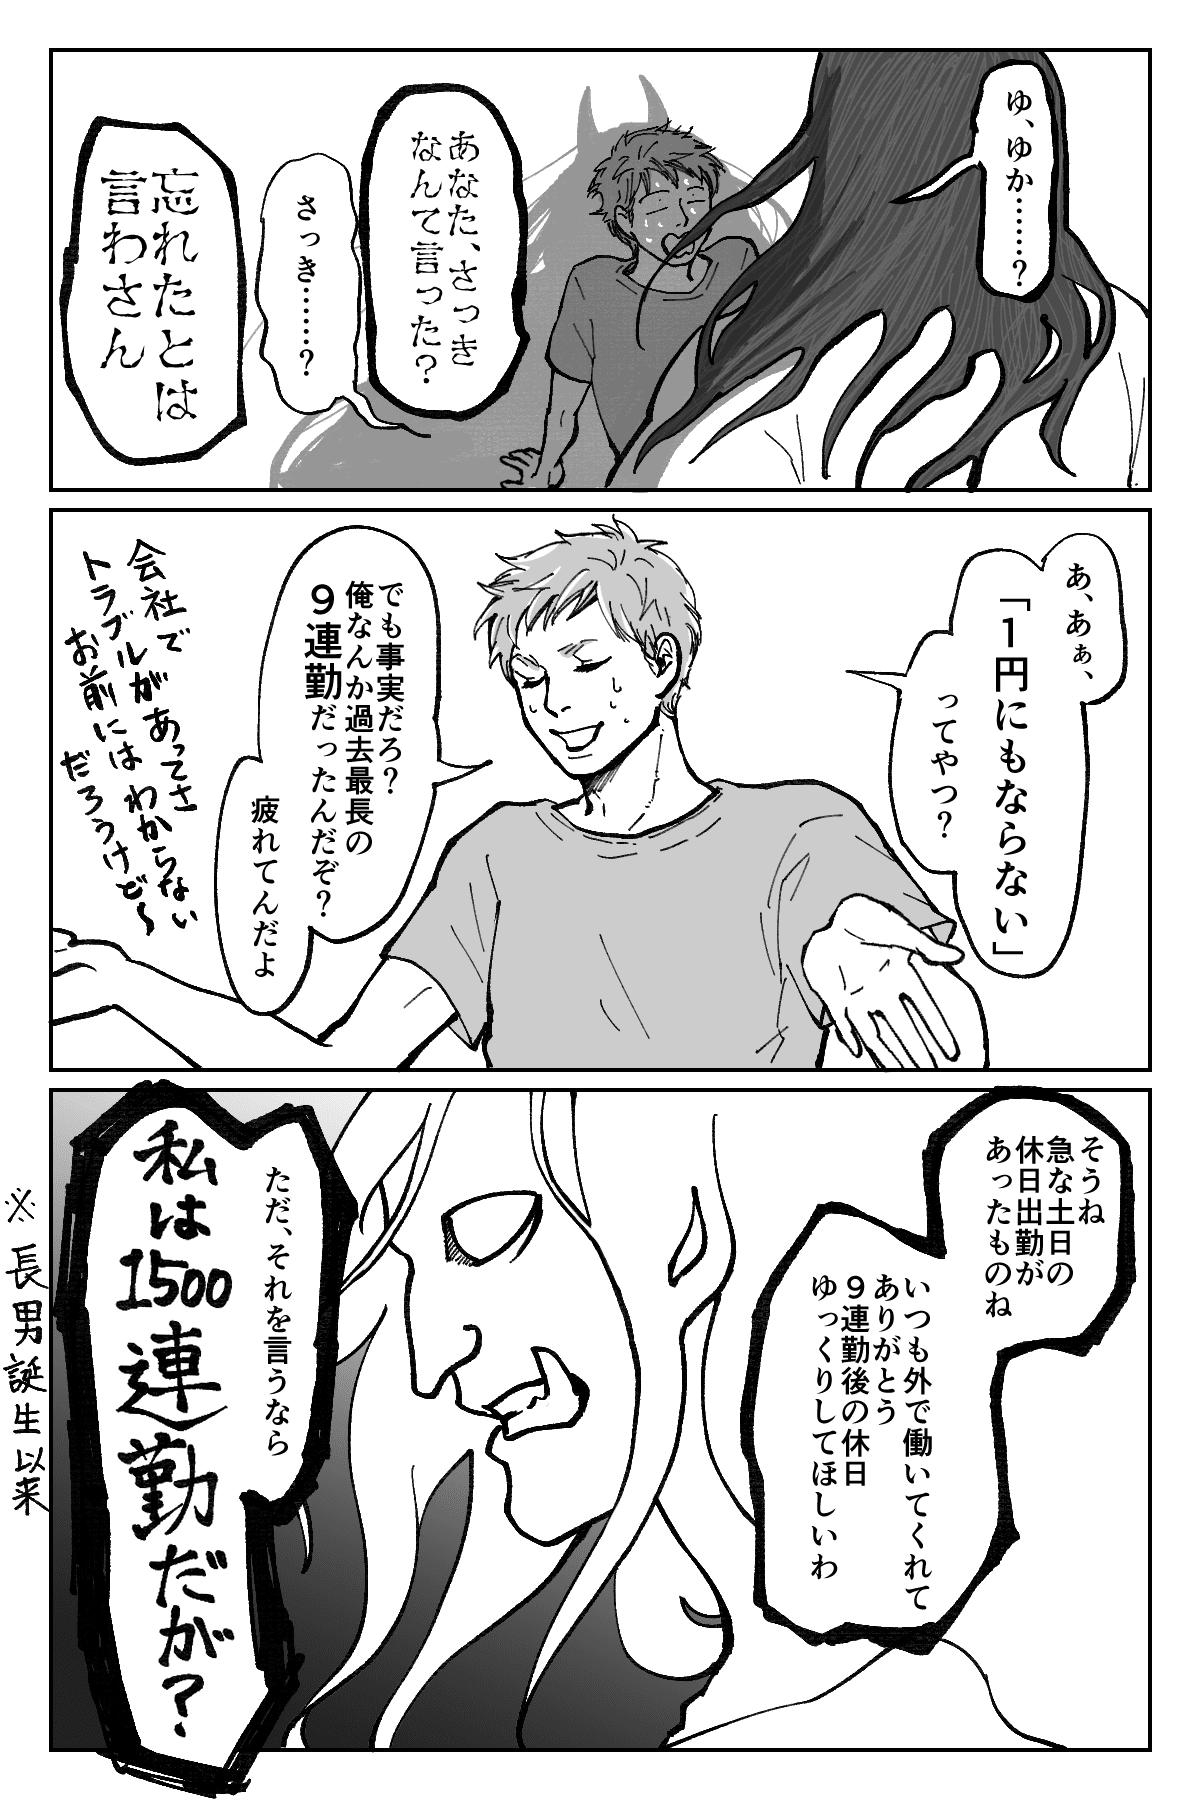 ブラックママ業3−1